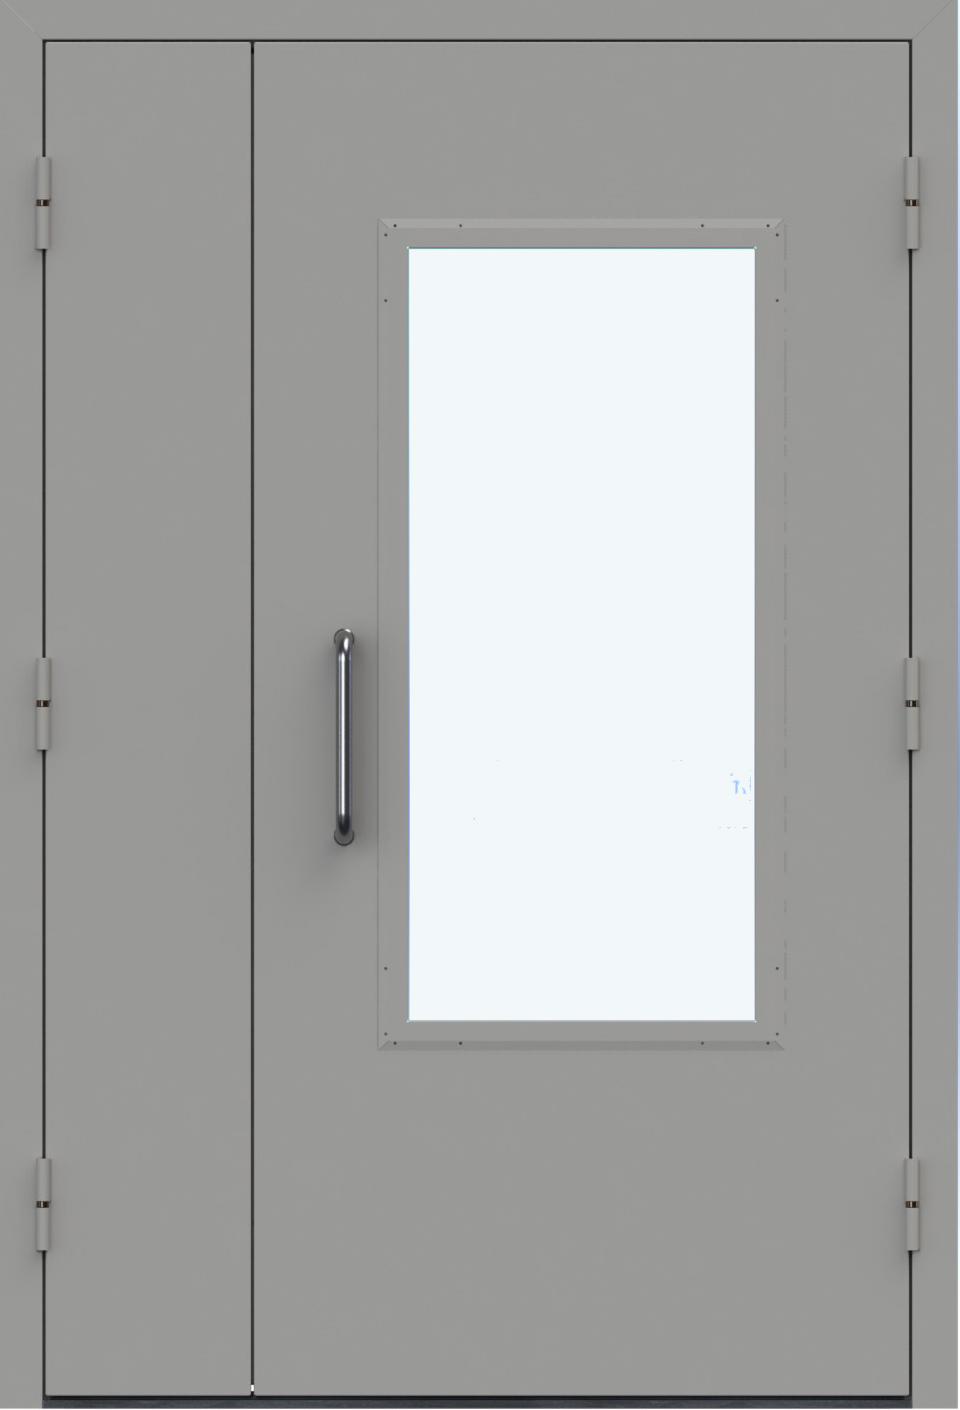 дверь техническая наружная металлическая с окошком техническая стоимость